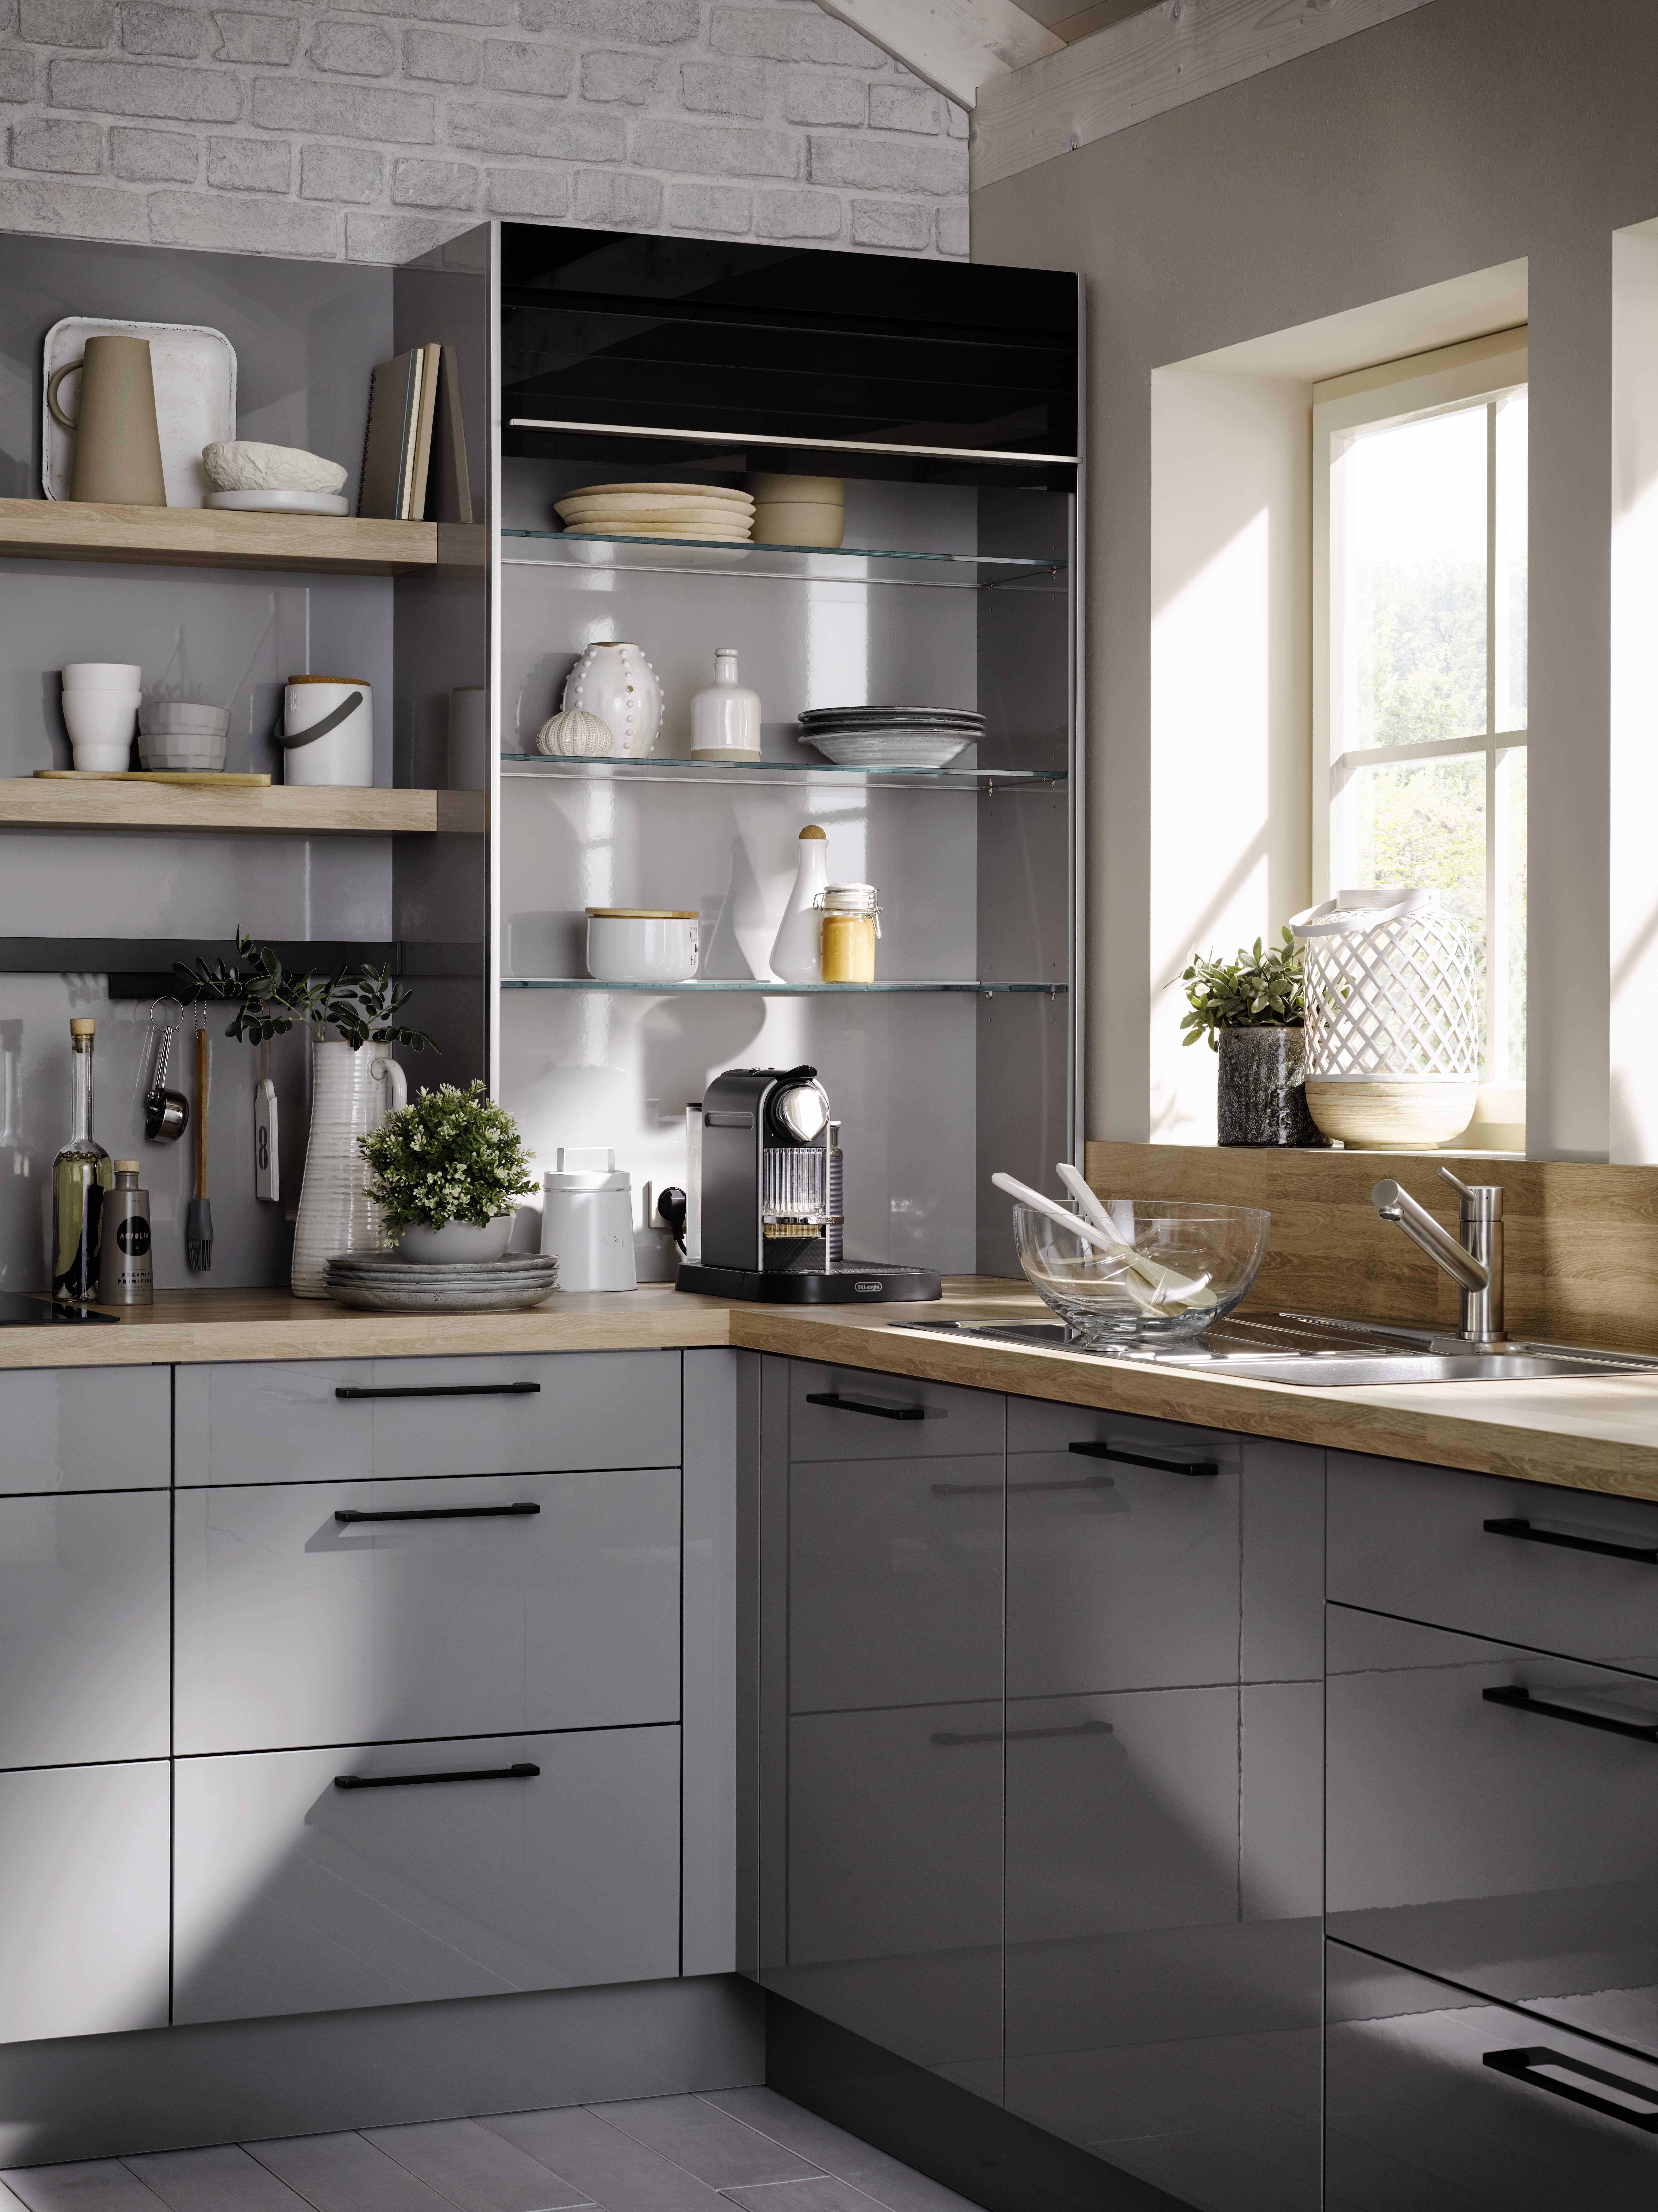 meuble haut a volet roulant cuisine studio deco petite cuisine idee deco cuisine